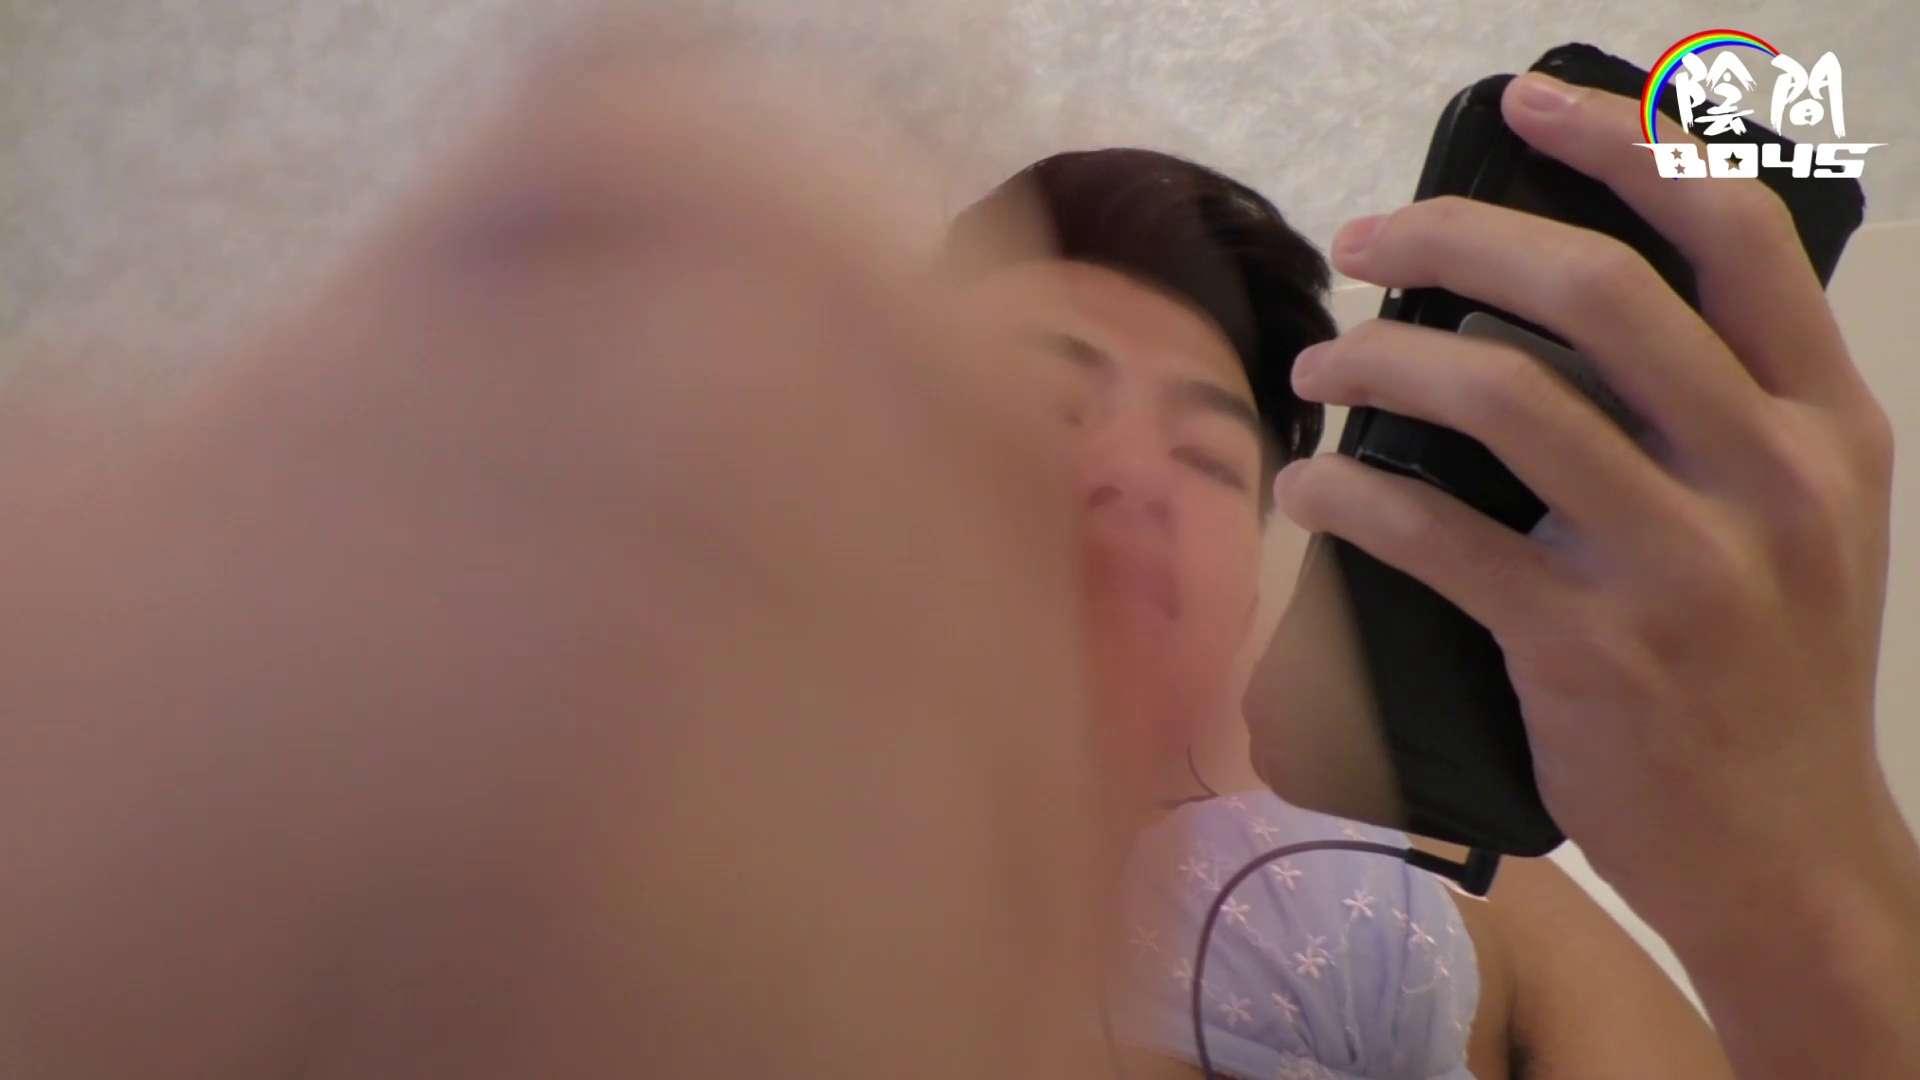 「君のアナルは」part1 ~ノンケの掟破り~Vol.04 風呂天国 ゲイエロ画像 115枚 63